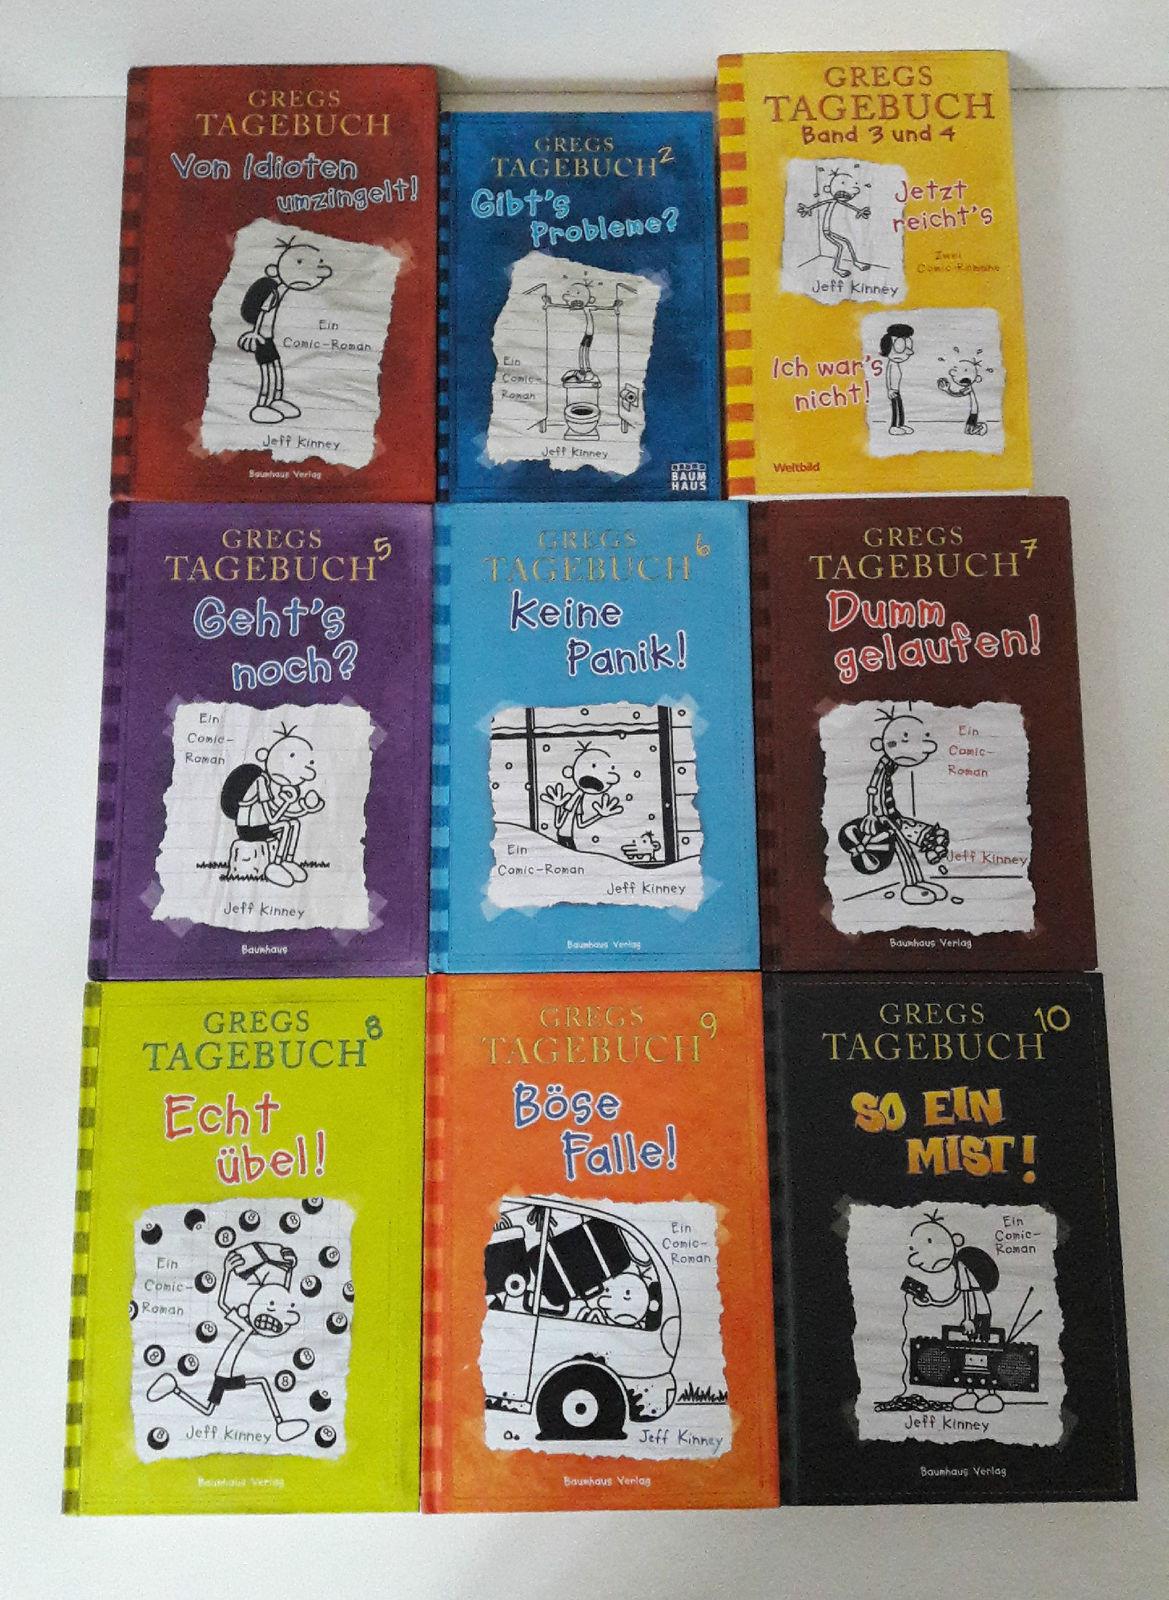 Gregs Tagebuch Teil: 1,2,3,4,5,6,7,8,9,10, Jeff Kinney, Buch,Gregstagebuch,Greg